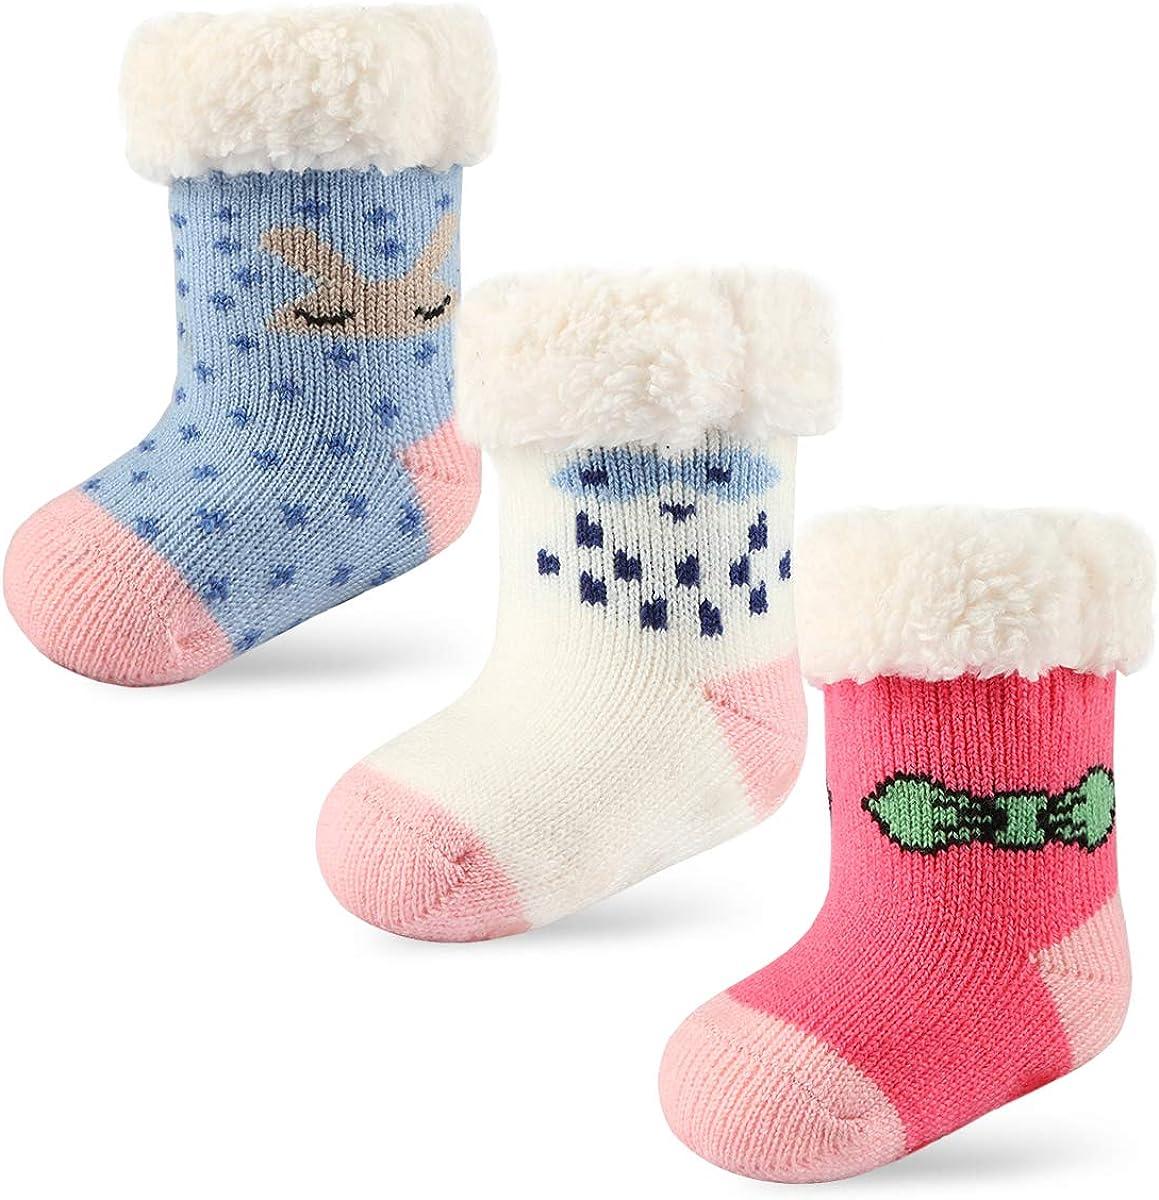 3 Pairs Newborn Infant Toddler Slipper Socks Baby Girls Boys Grips Socks Christmas Socks Kids Sherpa-lined Fuzzy Home Socks